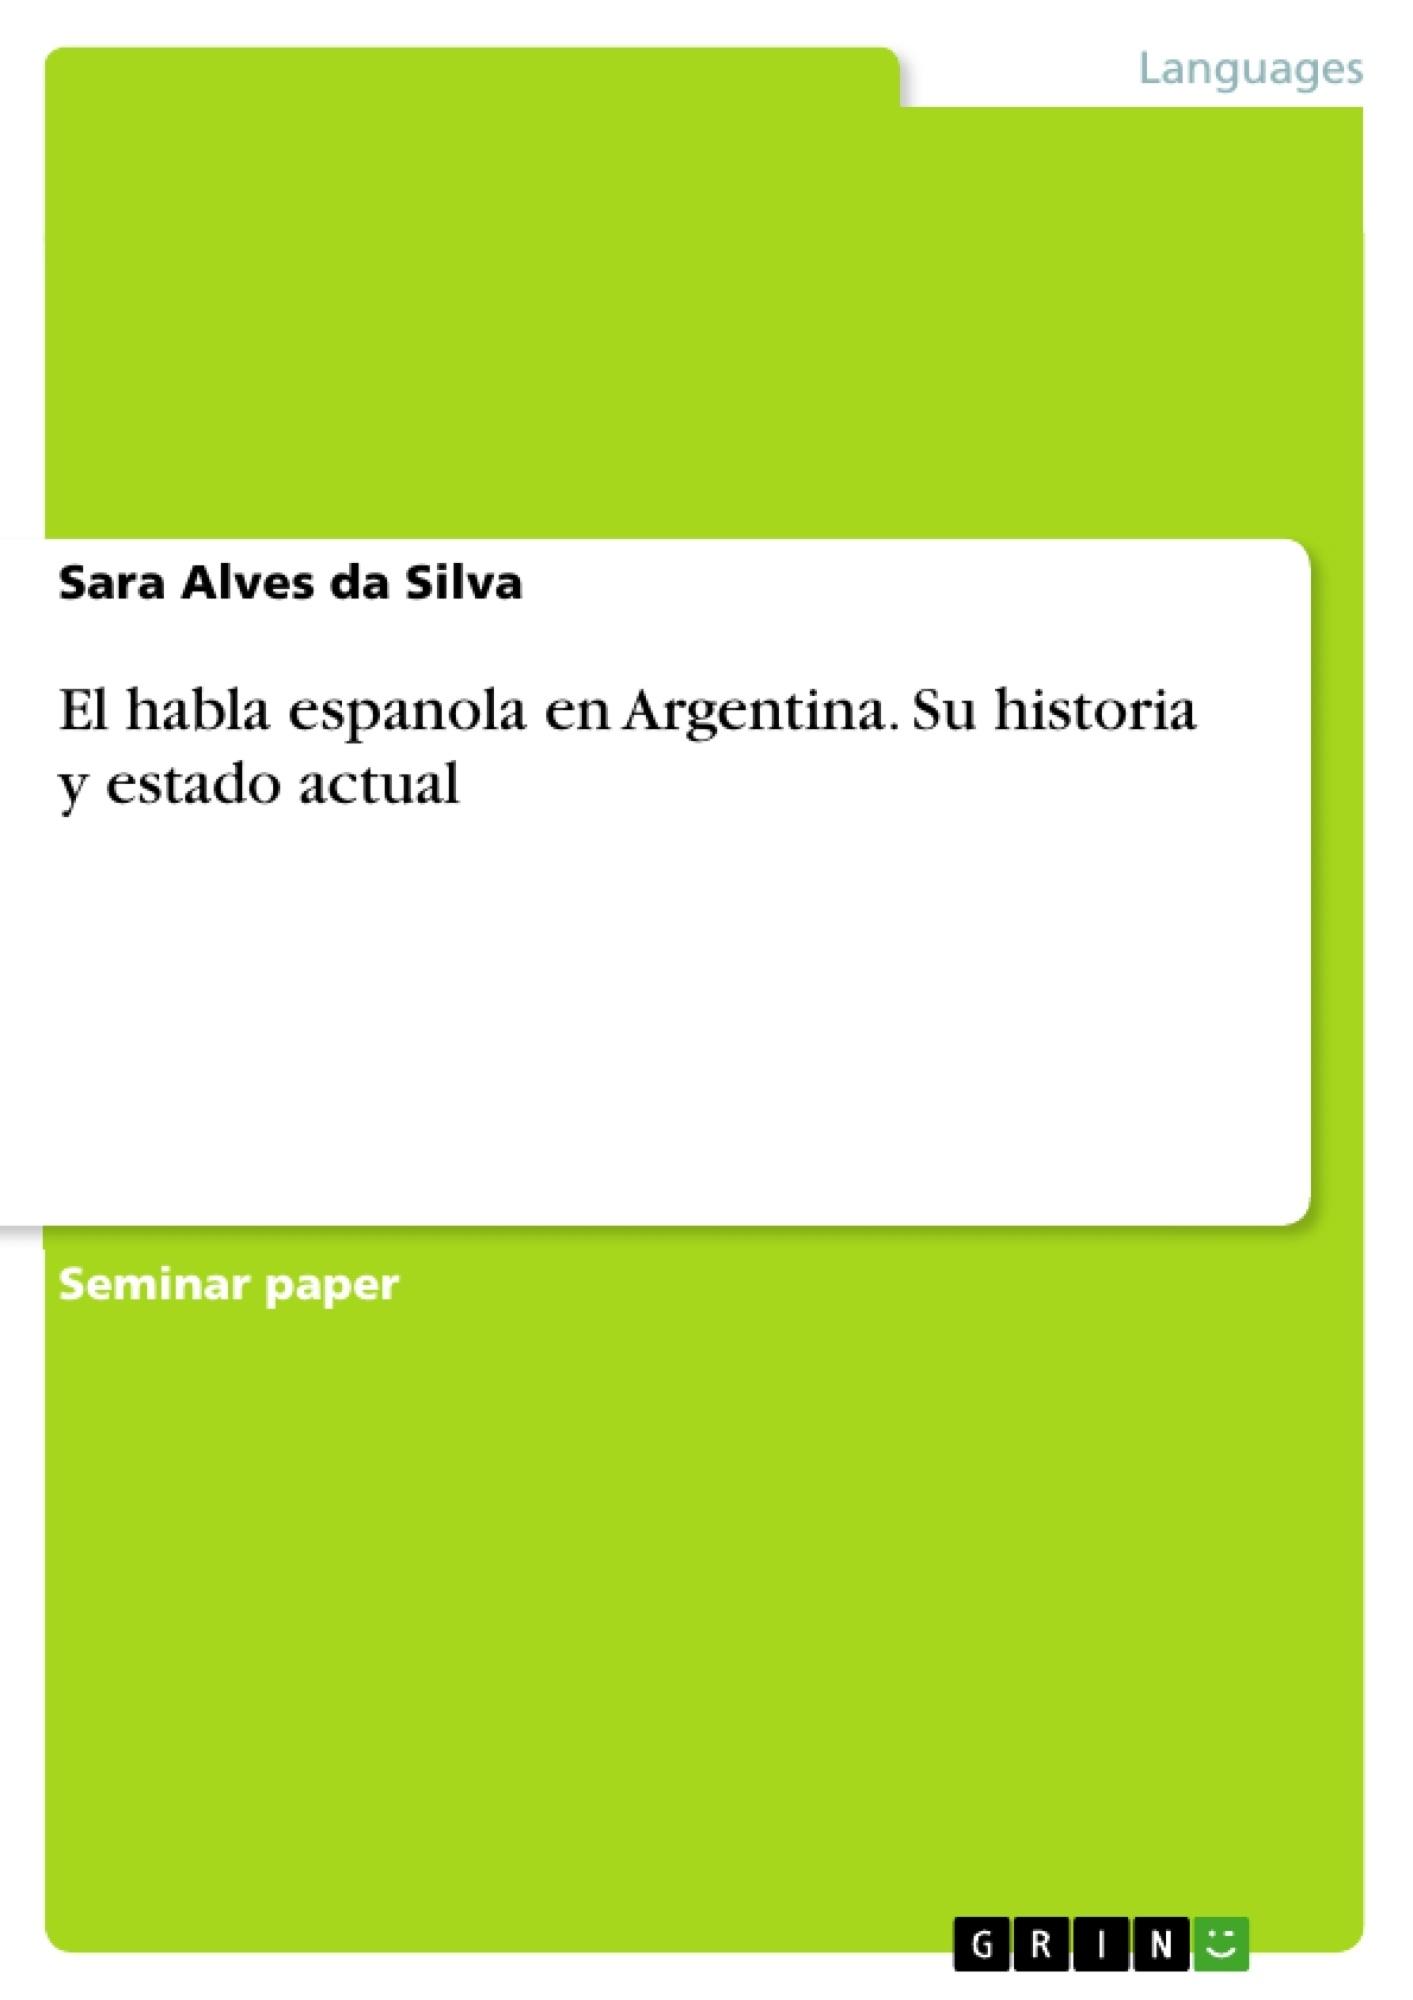 Título: El habla espanola en Argentina. Su historia y estado actual